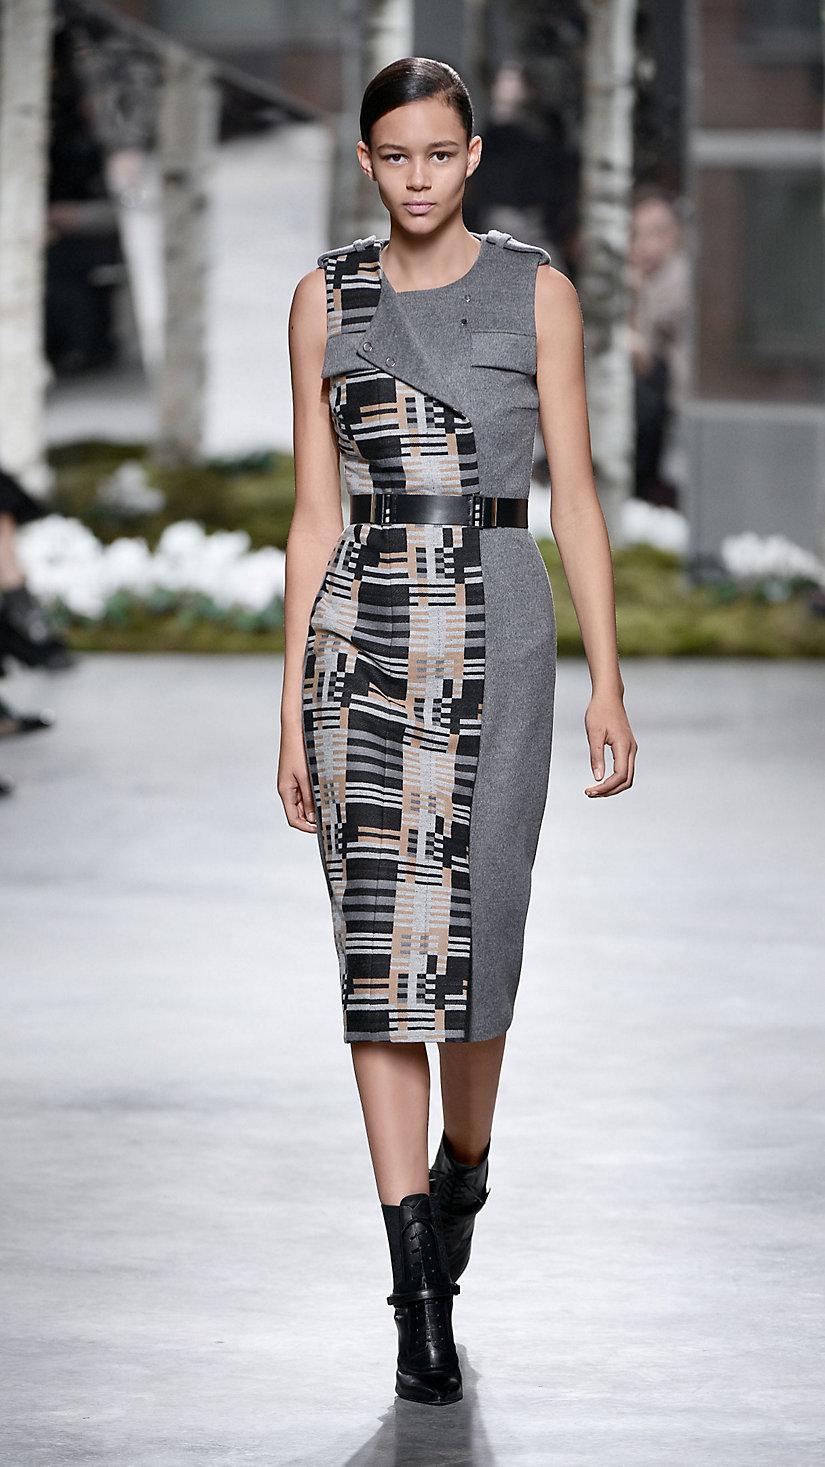 2015 纽约时装周春夏 T 台秀上一款受包豪斯运动启发的时装